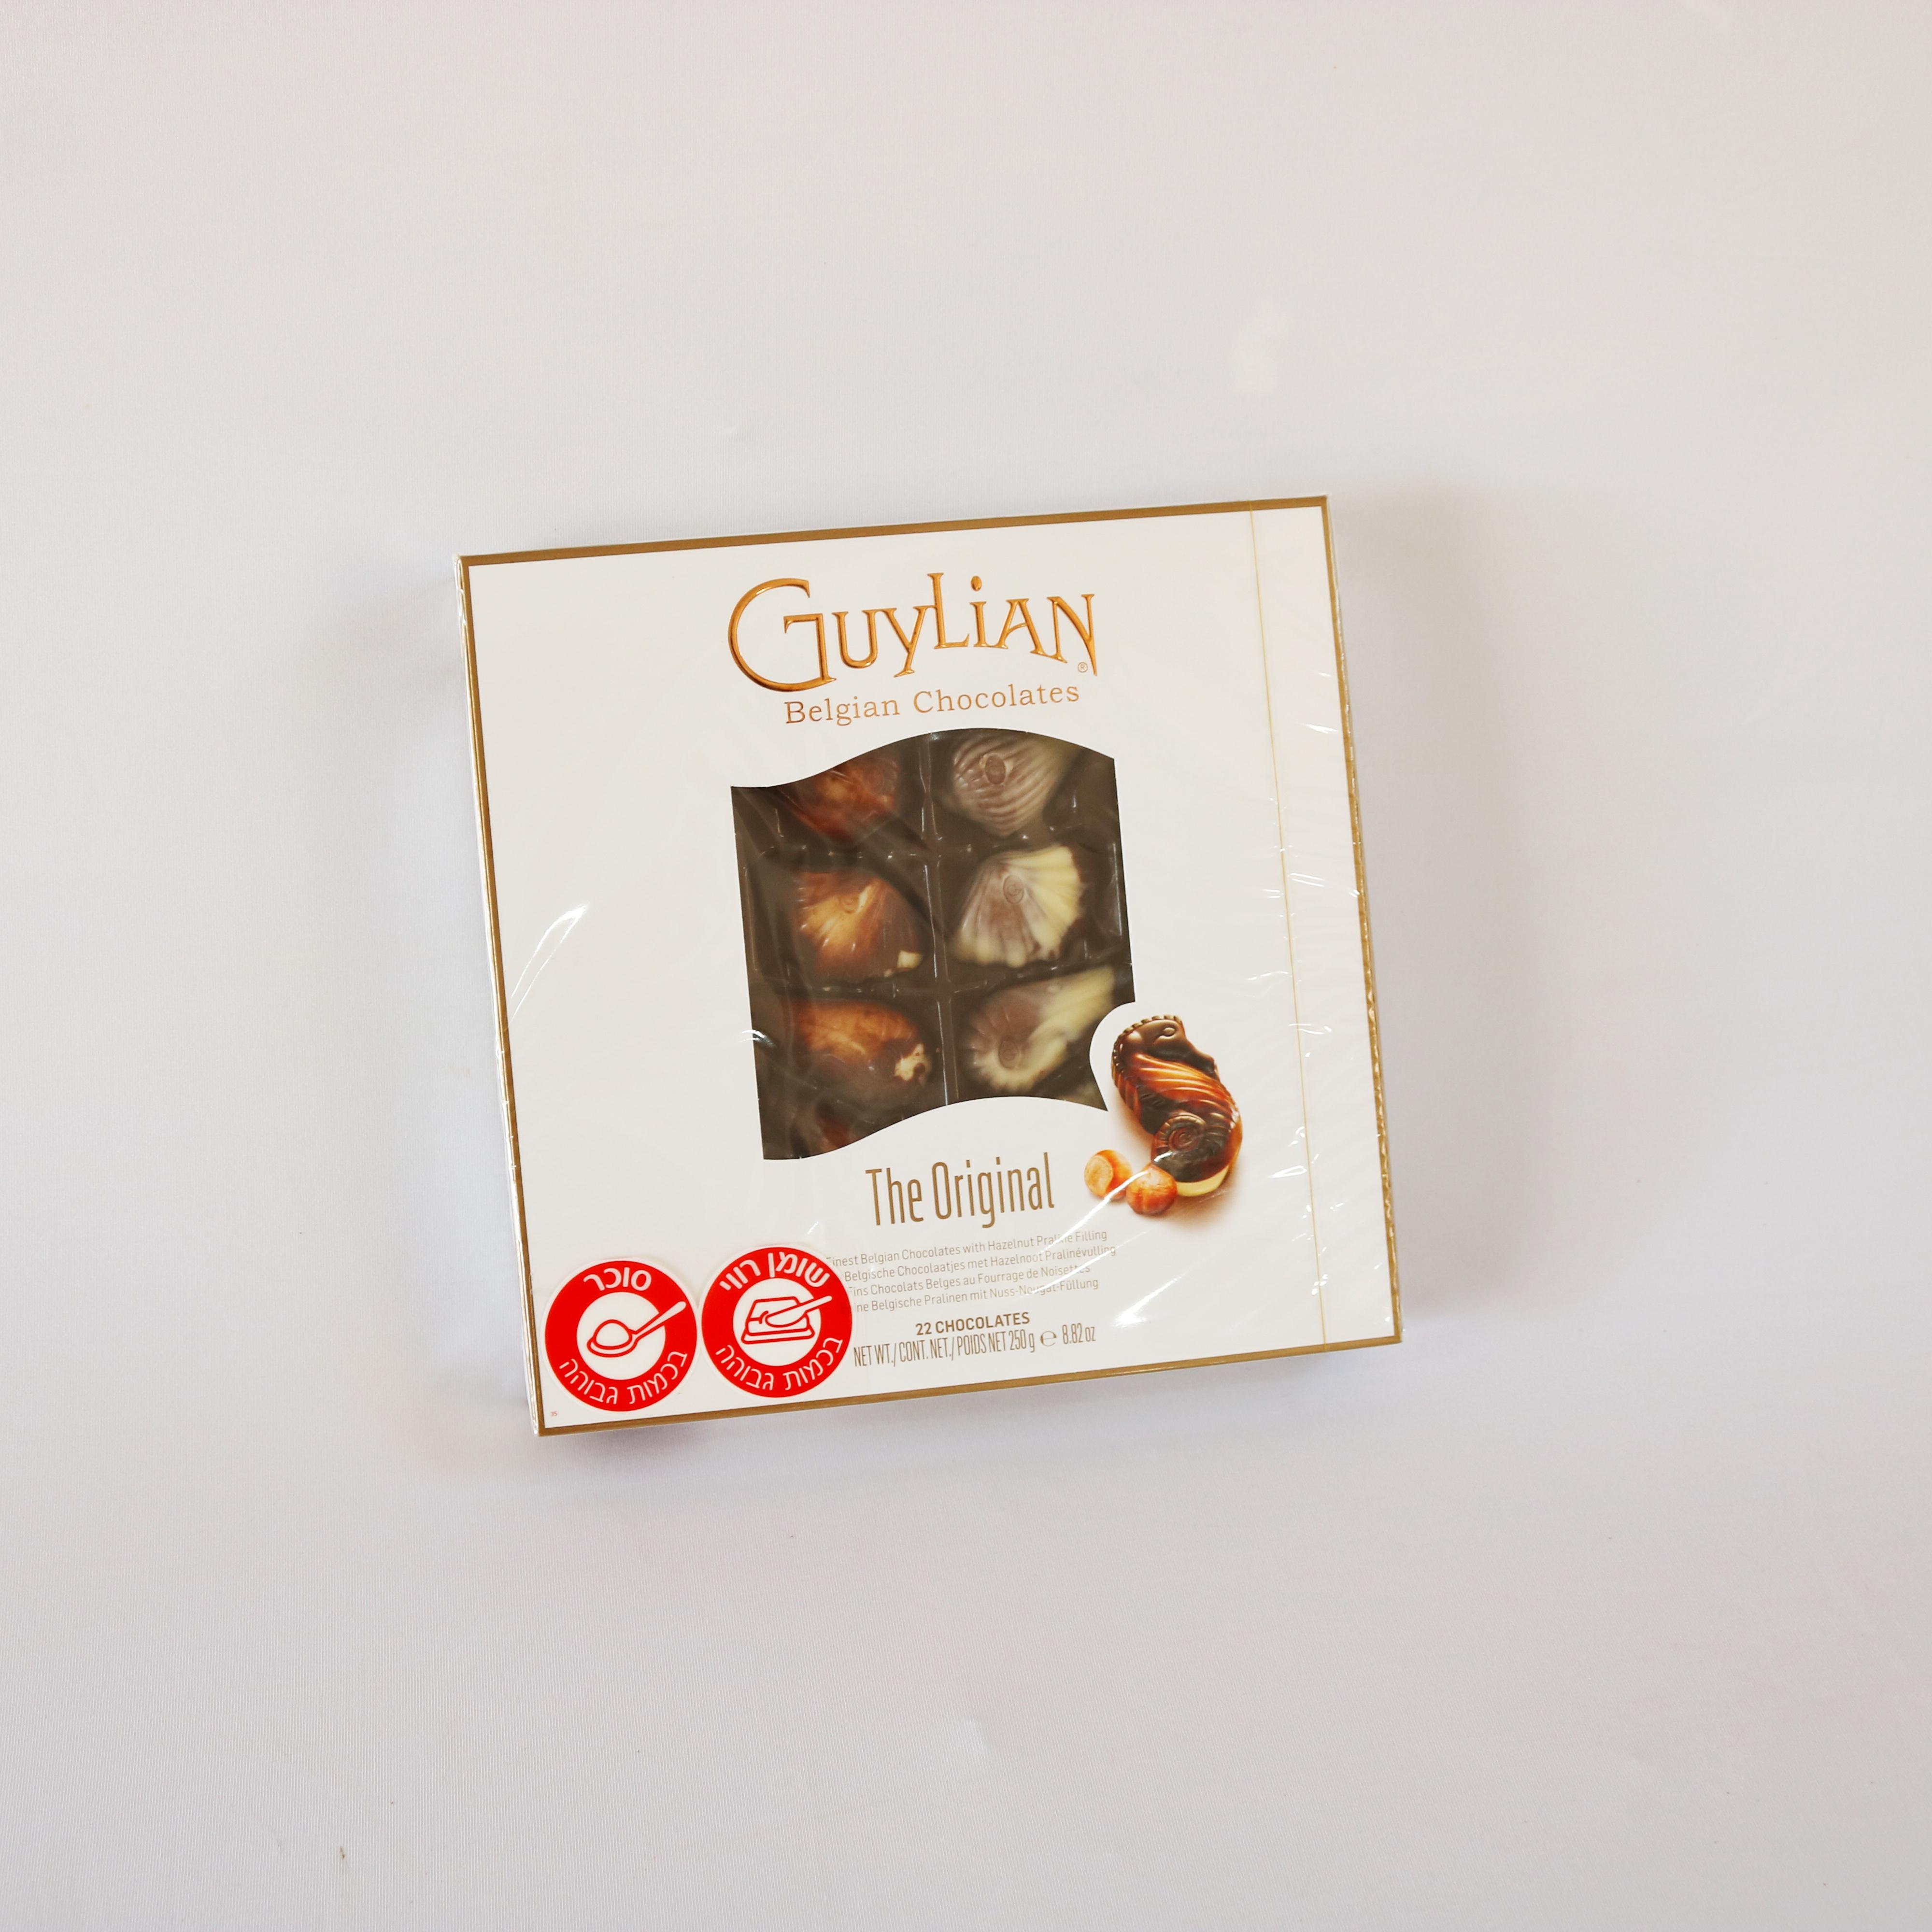 שוקולד ג'וליאן 250 ג